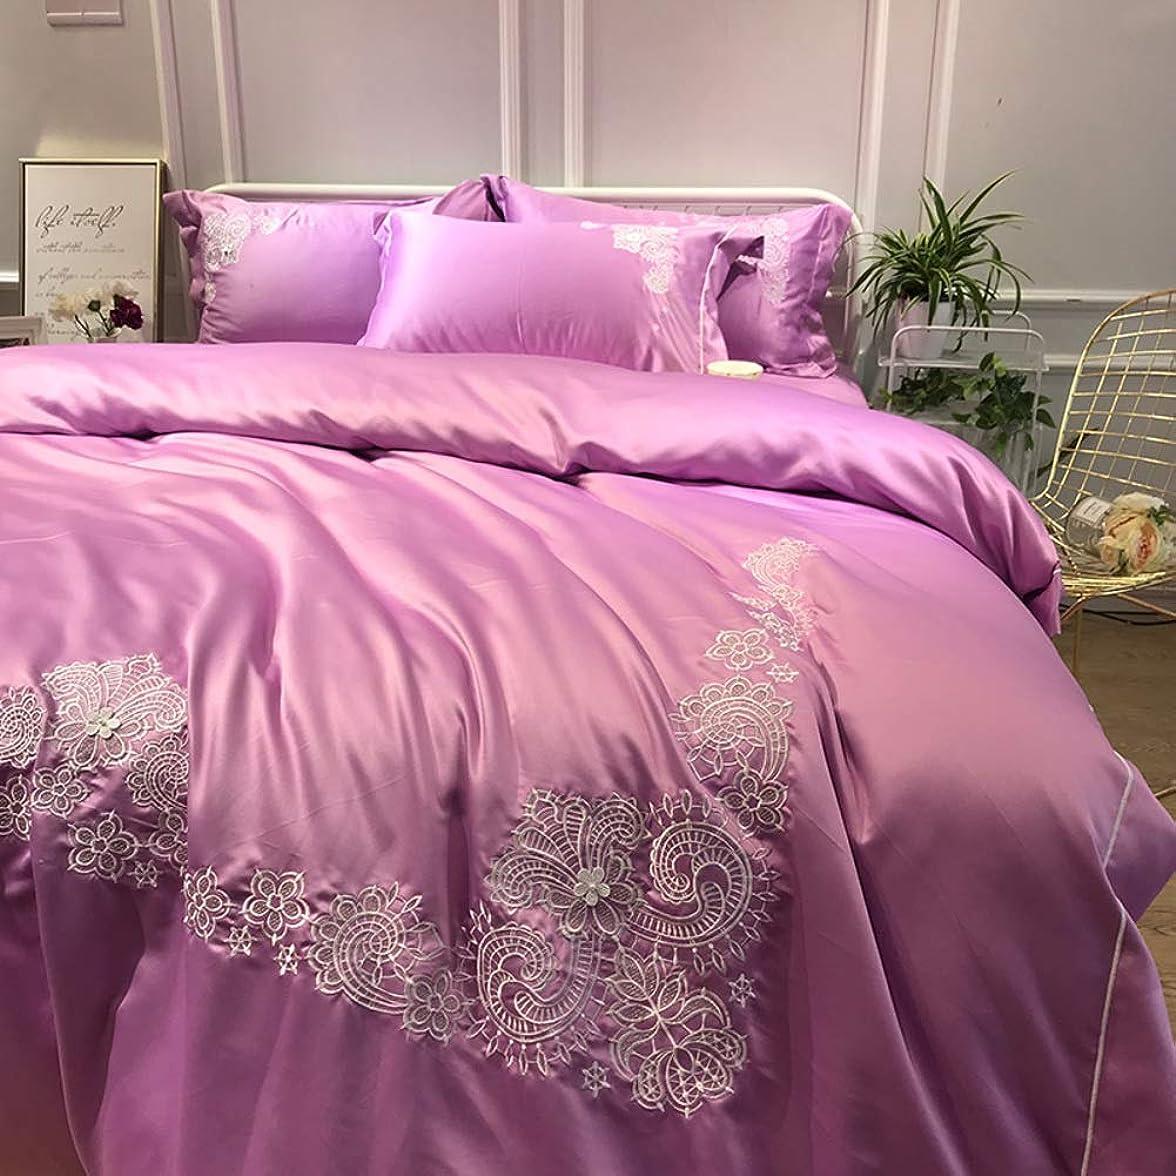 祝福するブラスト永遠に高級 サテンシルク 寝具ベッド, 高級 4 ピース 100% スーパーソフト ファイバー セクシー 羽毛布団カバーセット シート 枕カバー-h